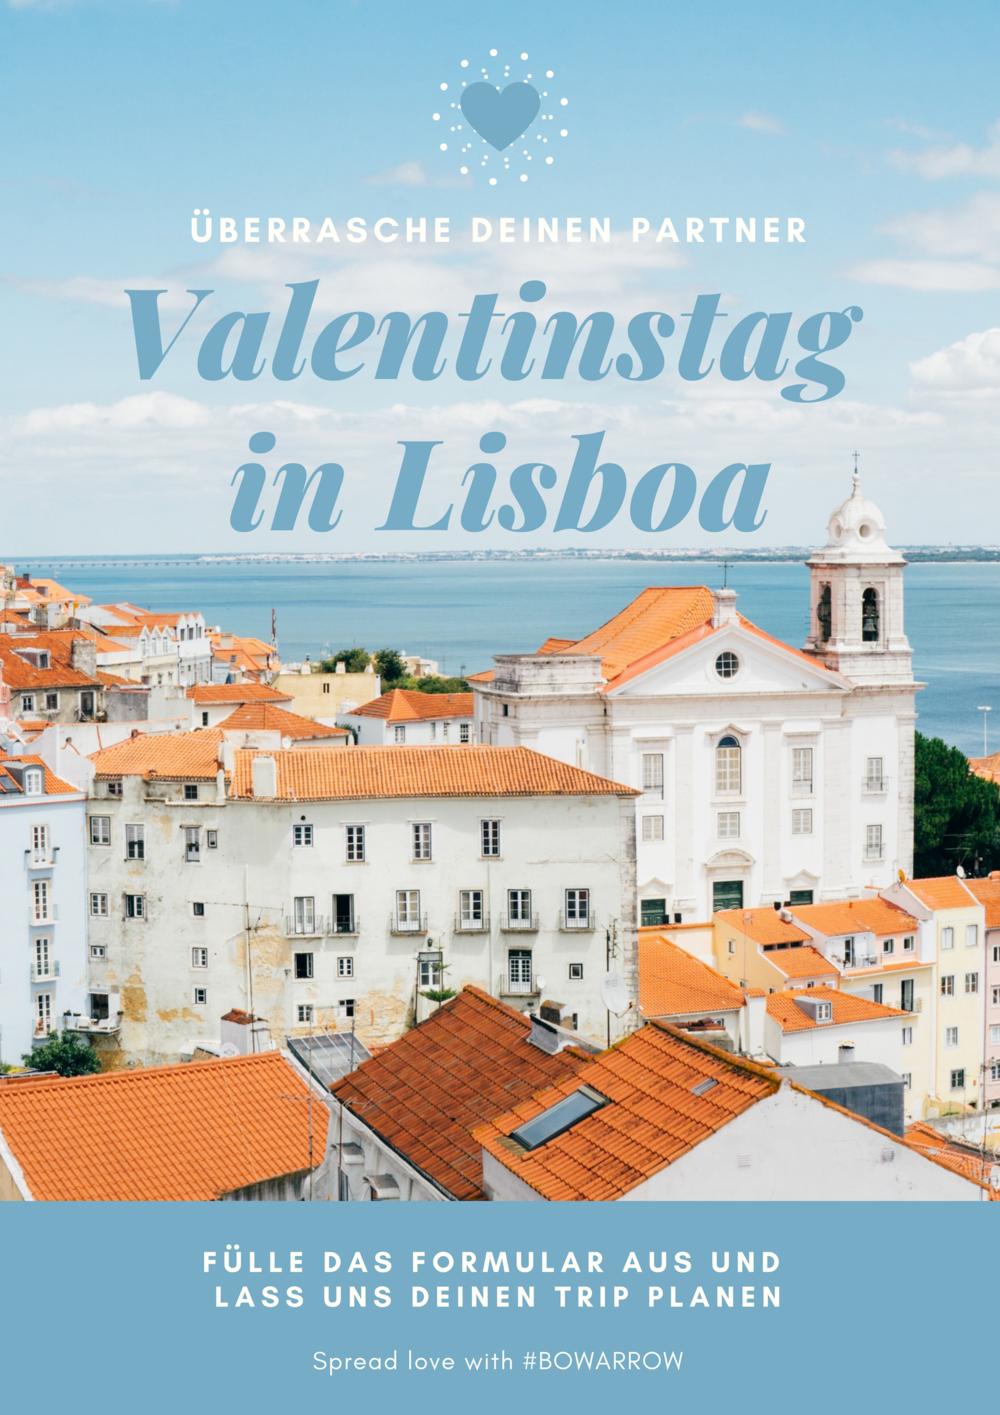 Valentinstag in Lisboa-2.png